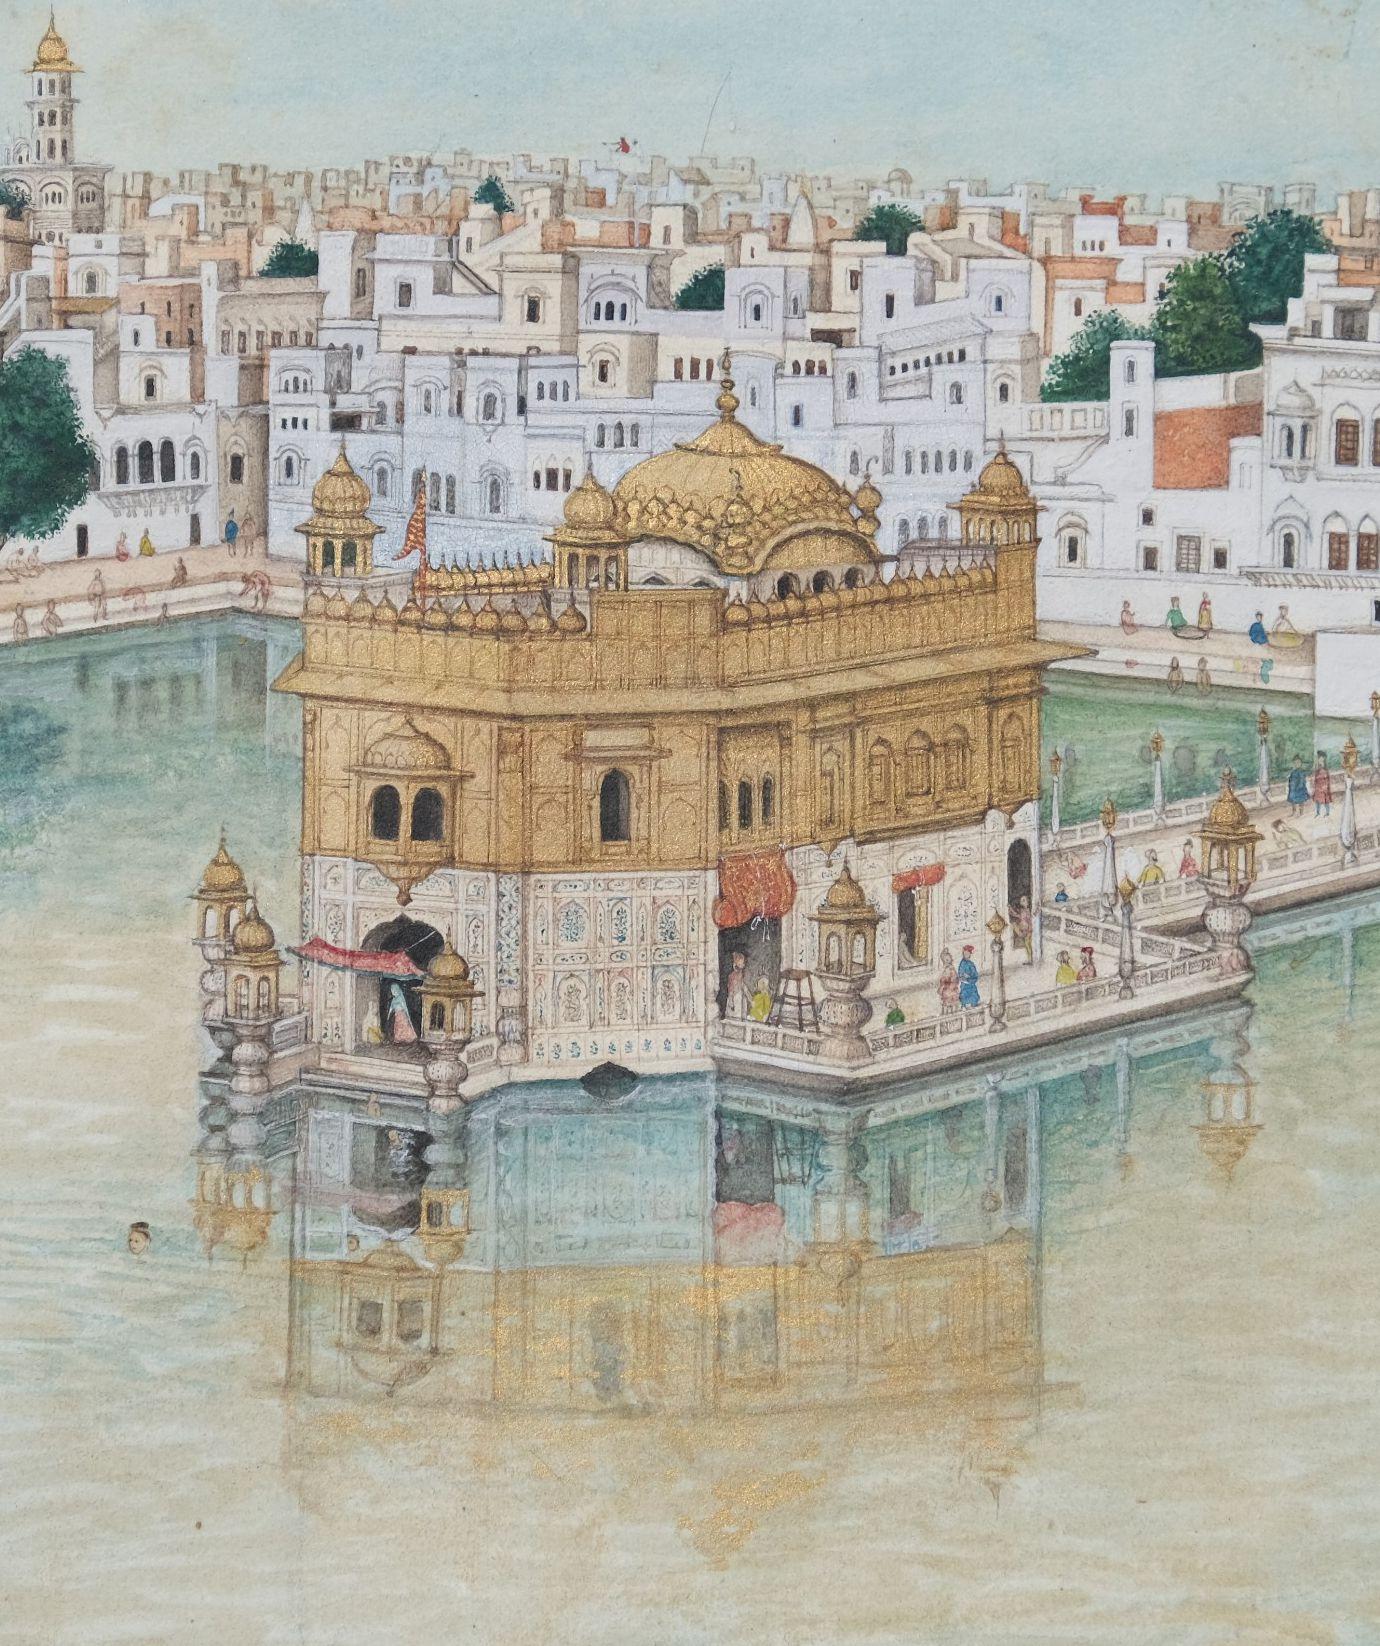 Scènes de vie au Harmandir Sahib, le Temple d'Or d'Amritsar Inde du nord, Penjab, Amritsar - Image 3 of 9